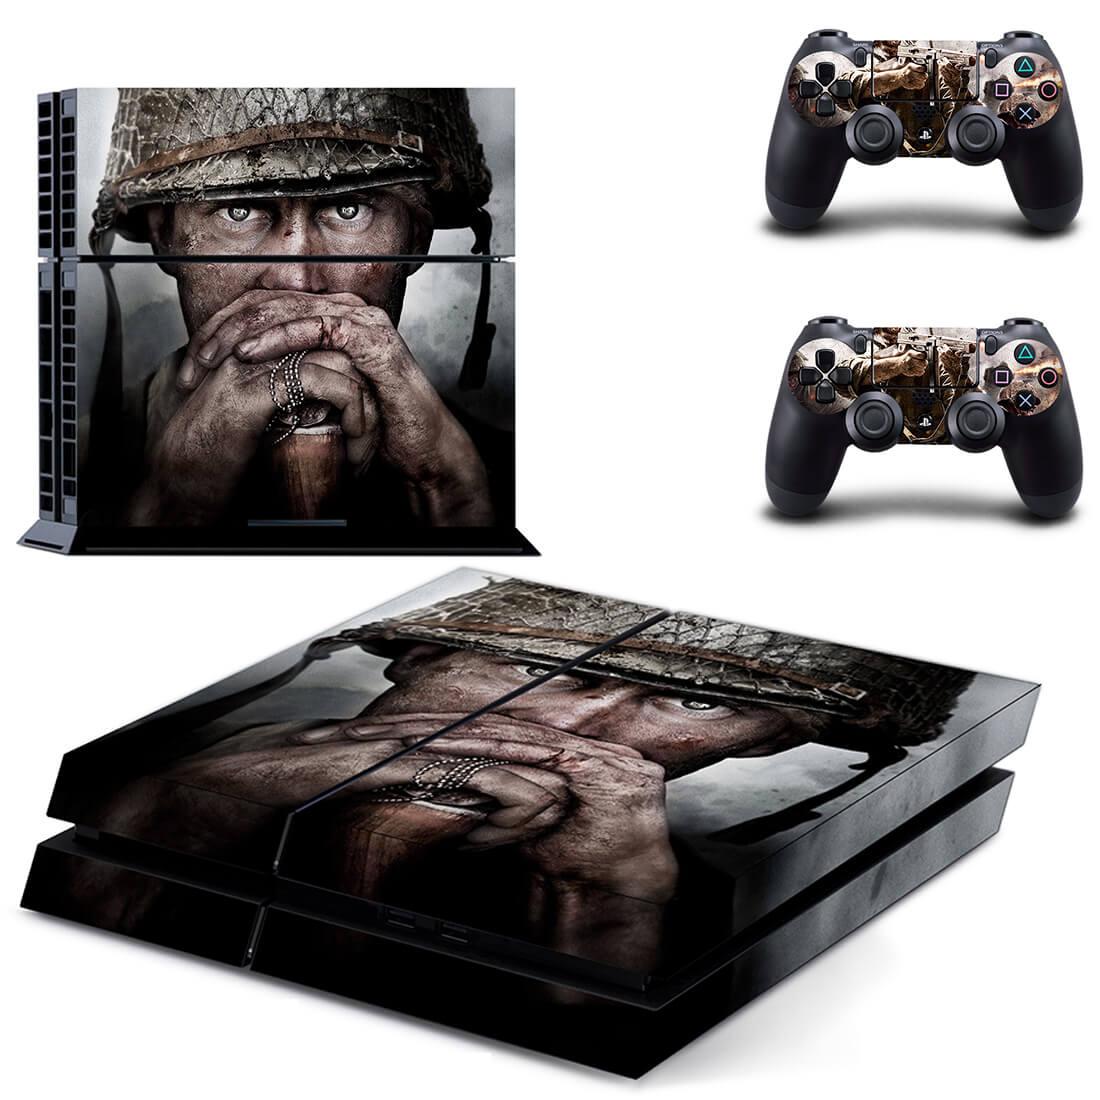 COD WW2 PS4 skin